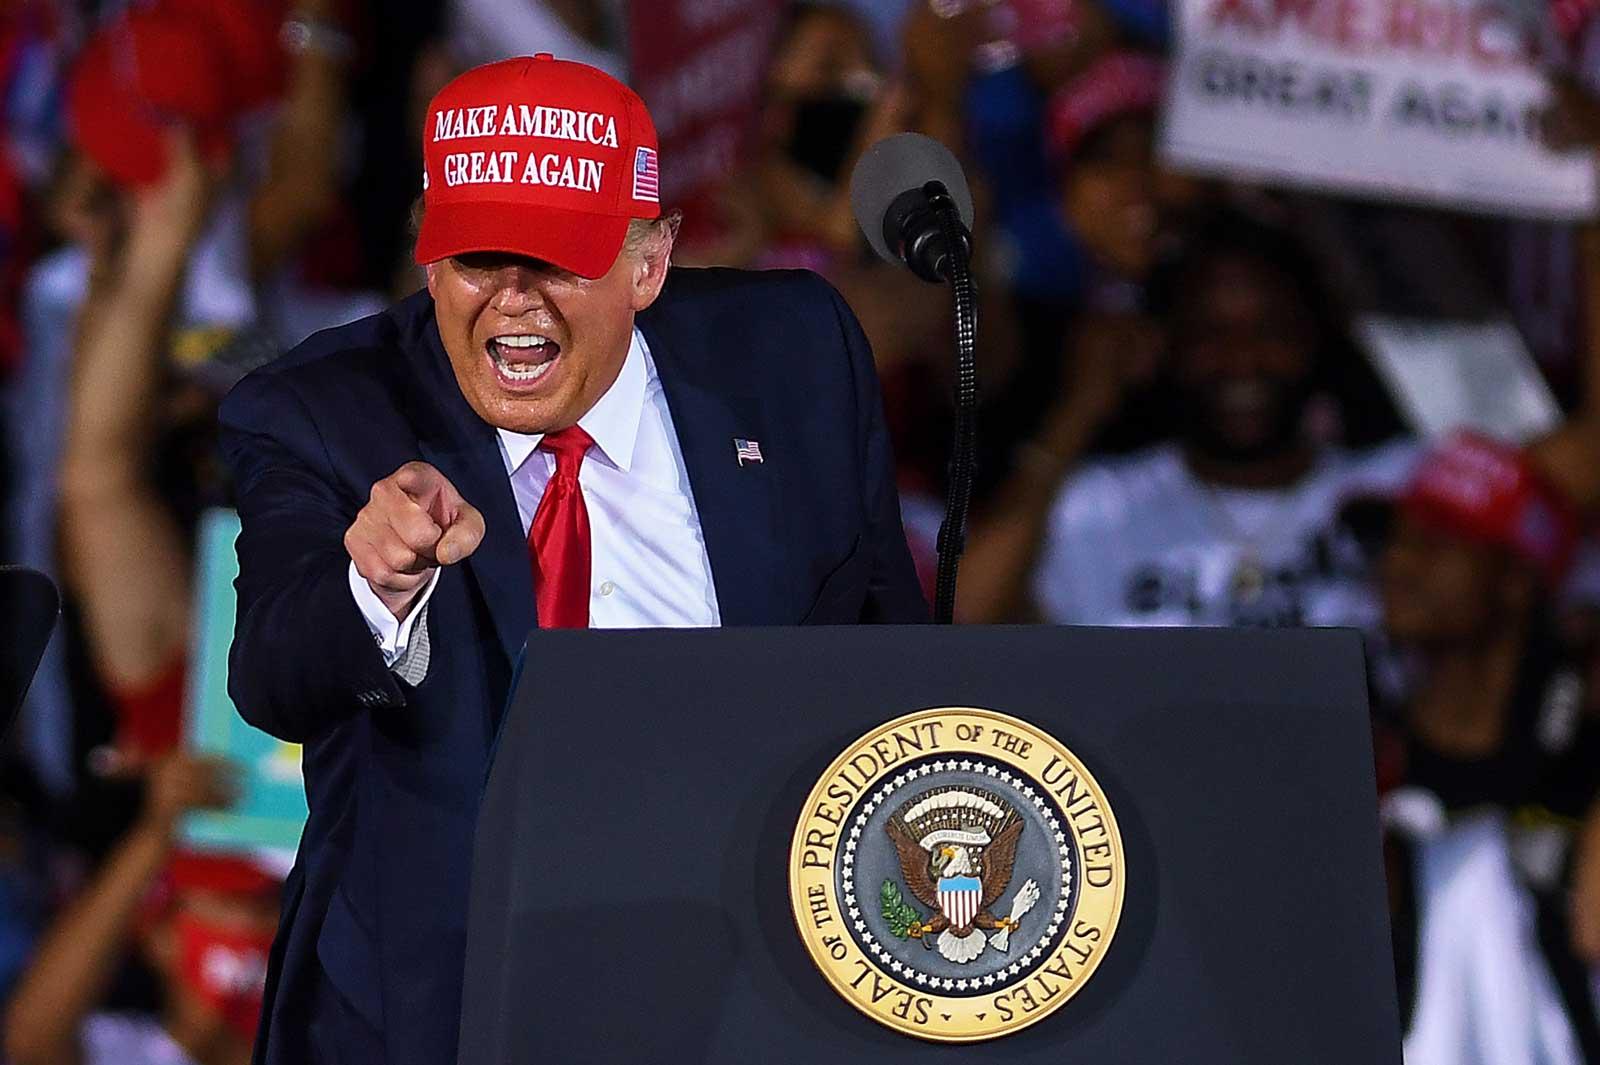 Donald Trump en un míting a Miami el dia 1. Fotografia de Paul Hennessy. Zuma Wire.